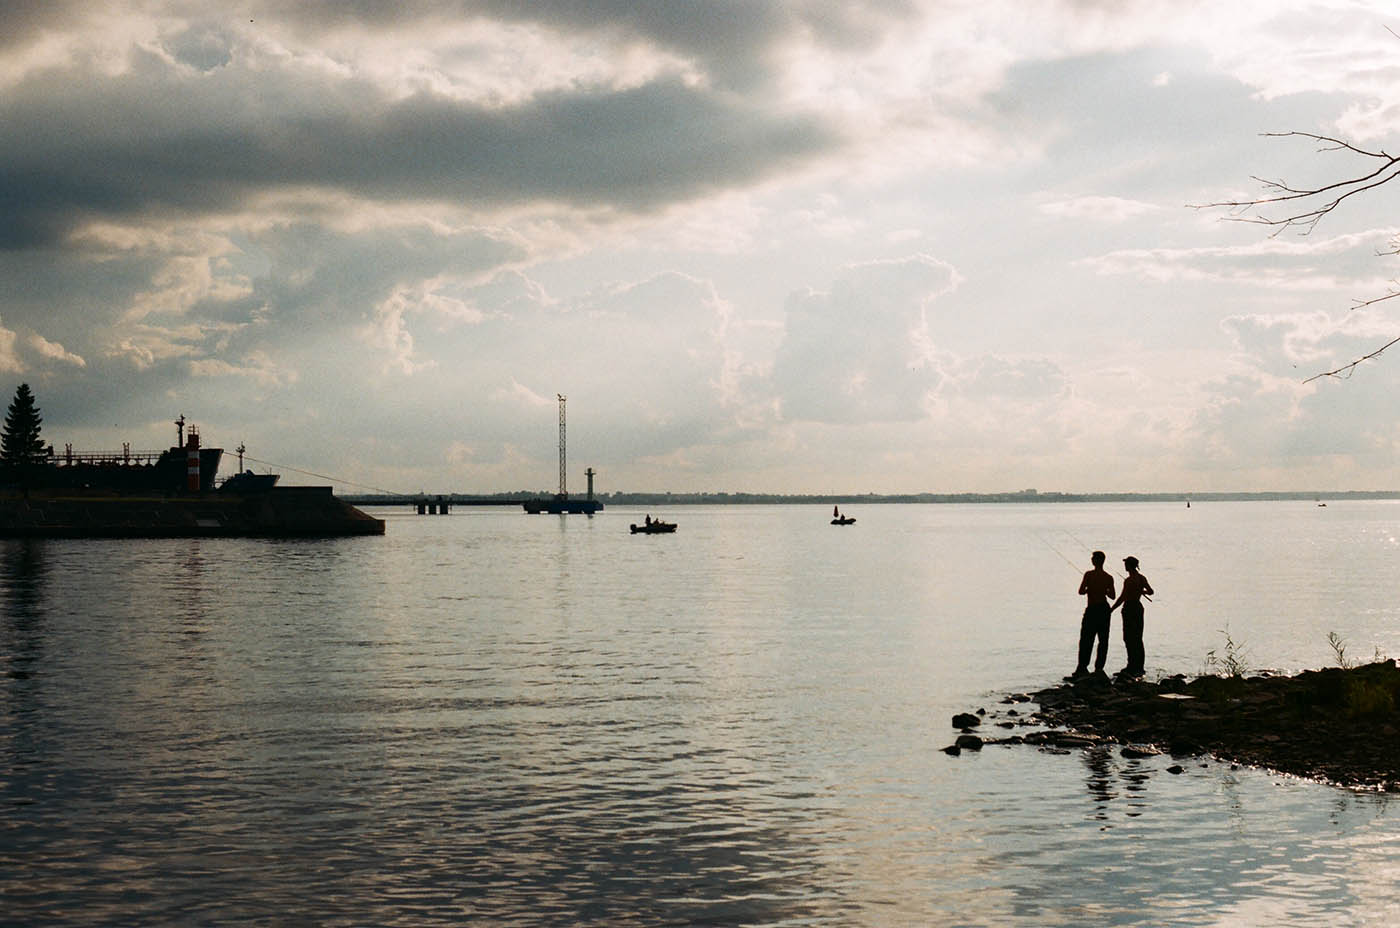 Выход в море. Канонерский остров. Фото: Алексей Абакумов. Санкт-Петербург, 2014 год